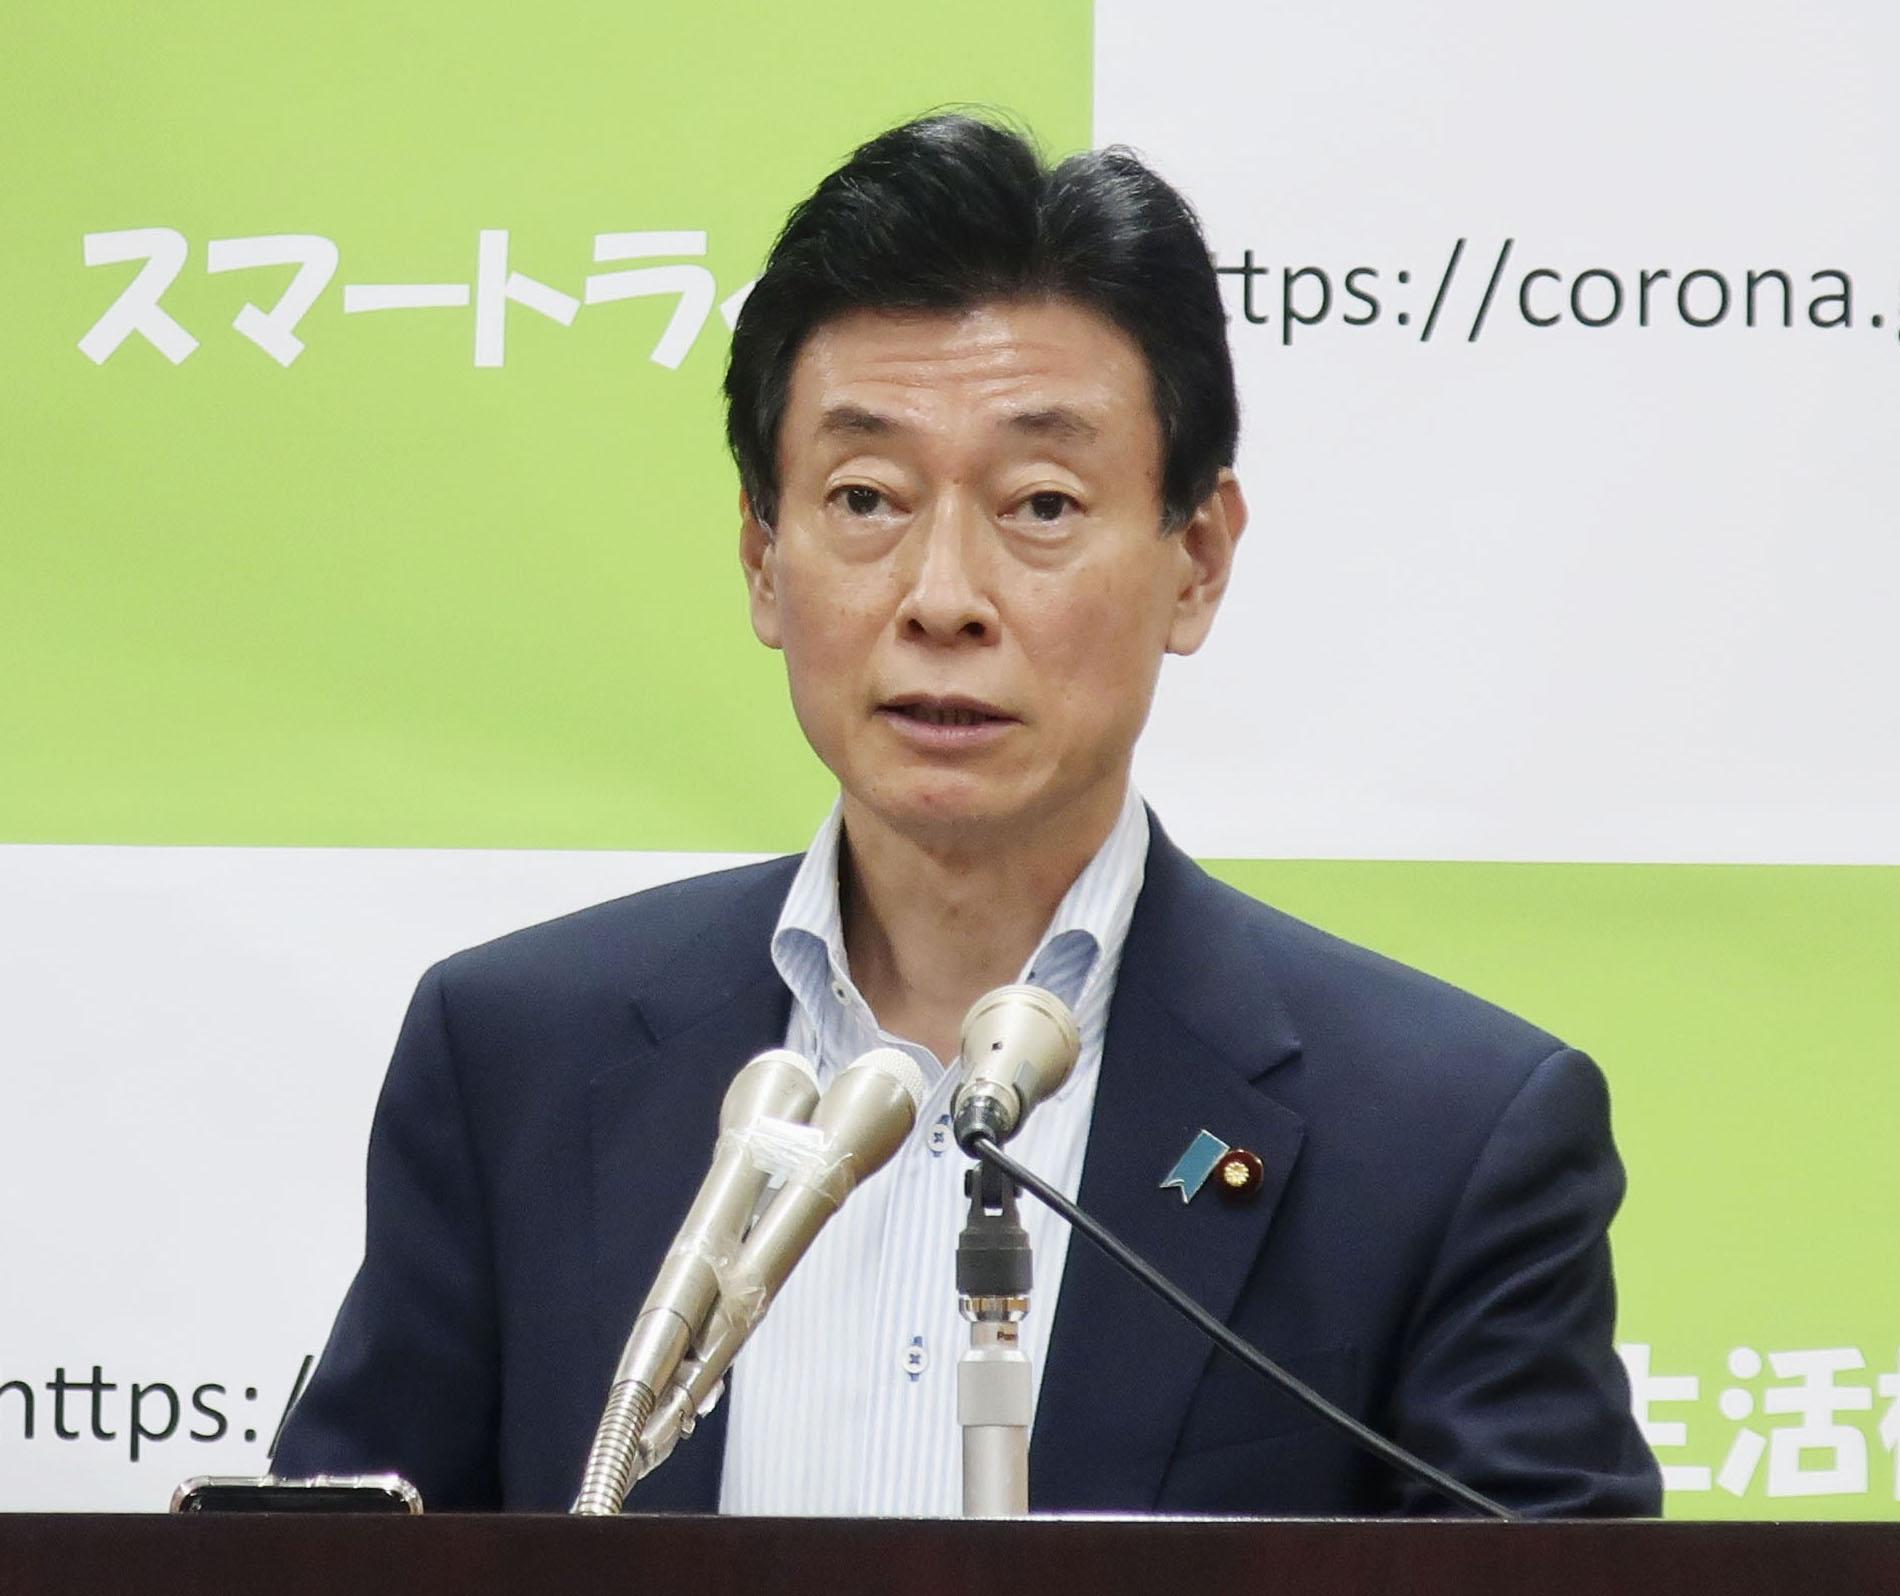 記者会見する西村経済再生相=16日午後、東京都千代田区